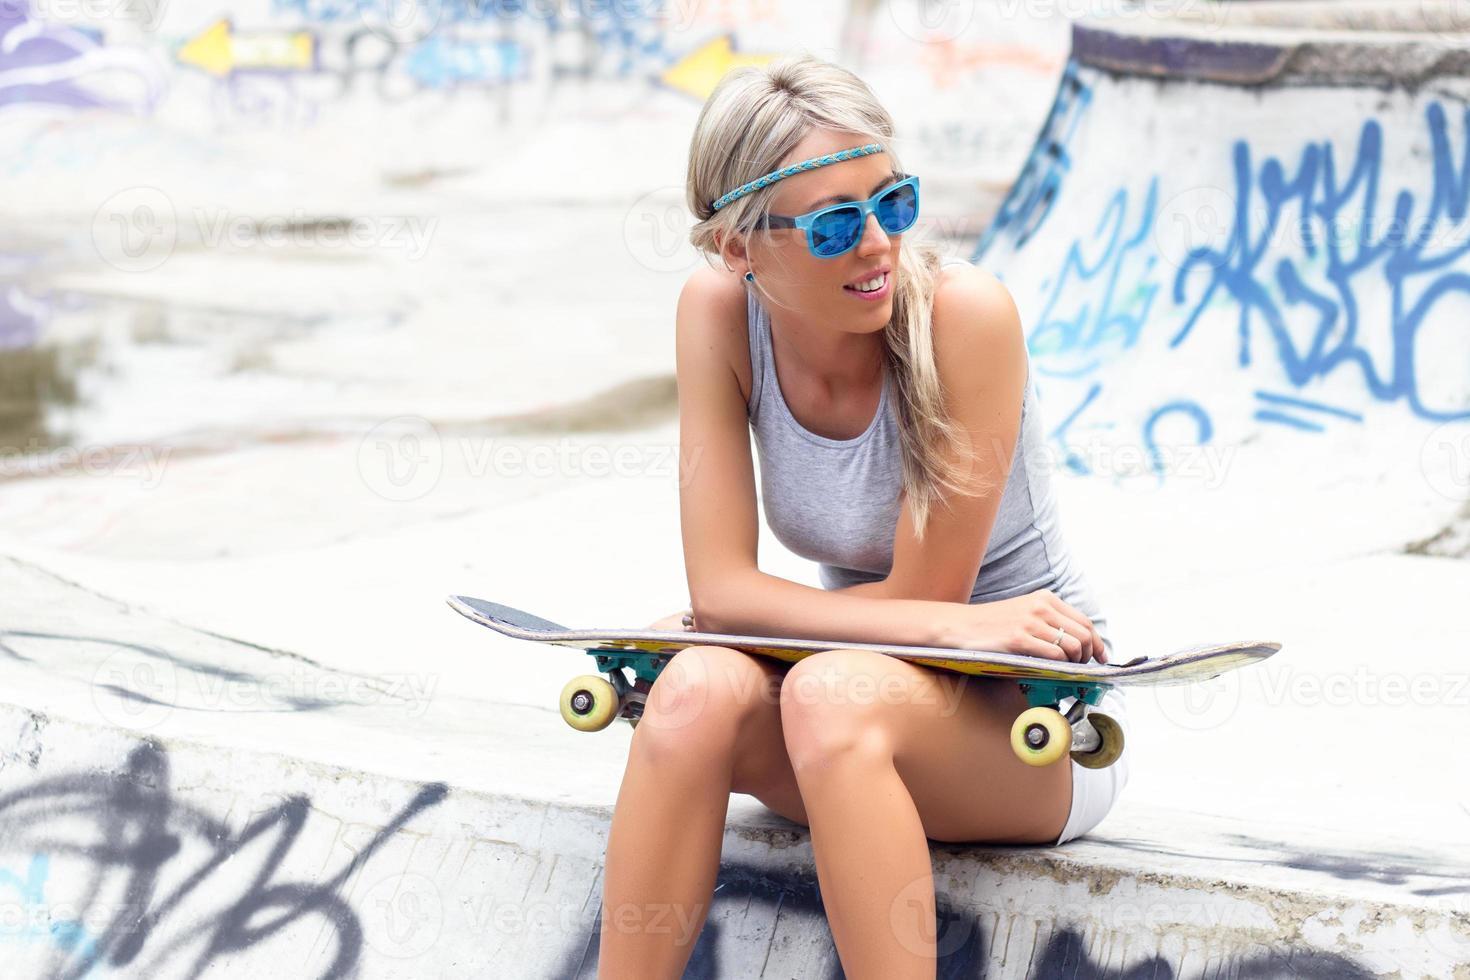 ragazza con skateboard seduto nello skatepark foto